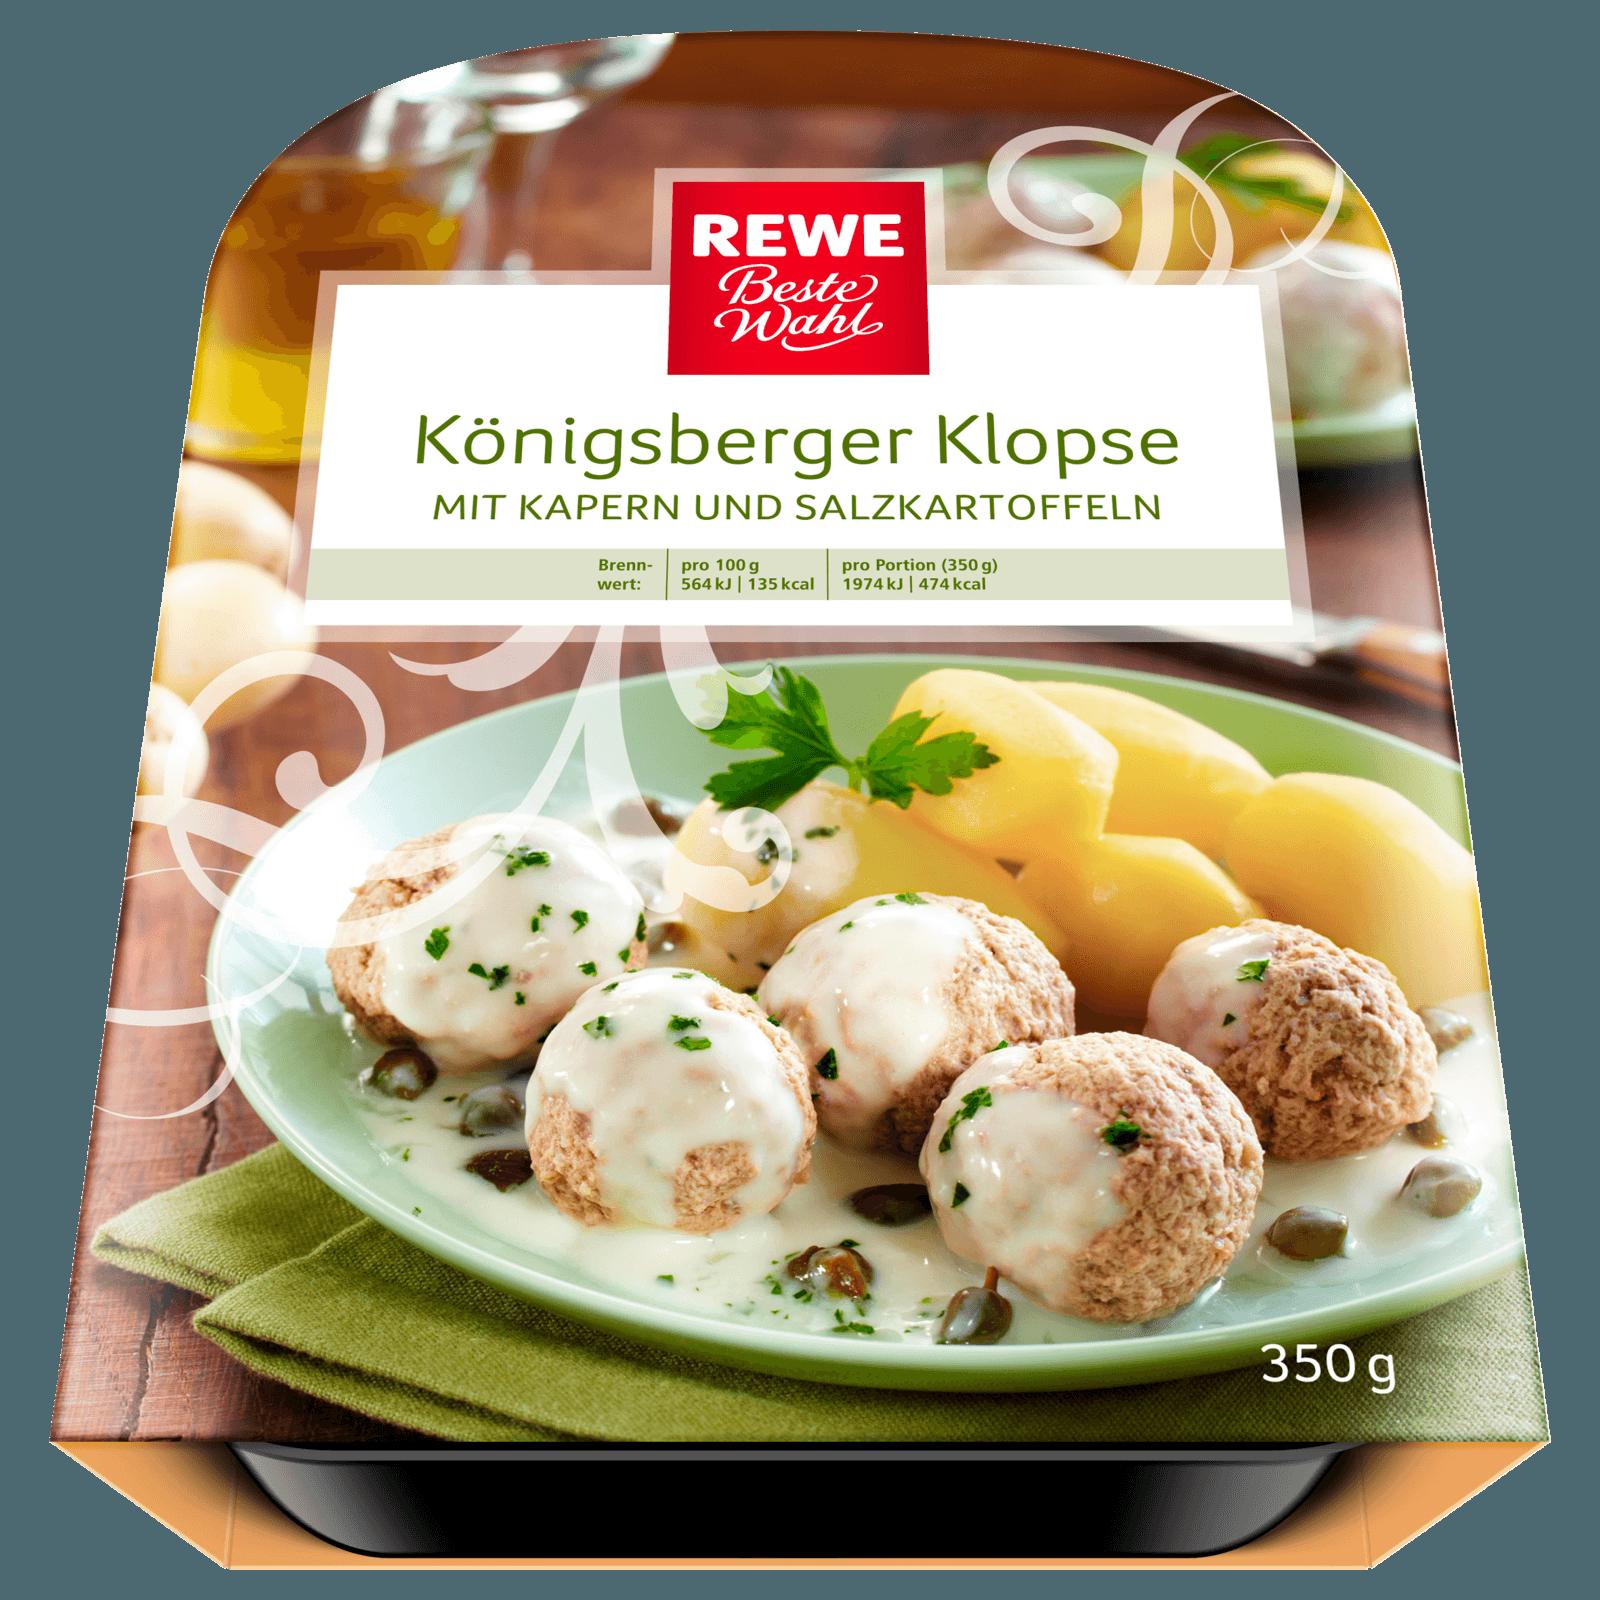 REWE Beste Wahl Königsberger Klopse 350g